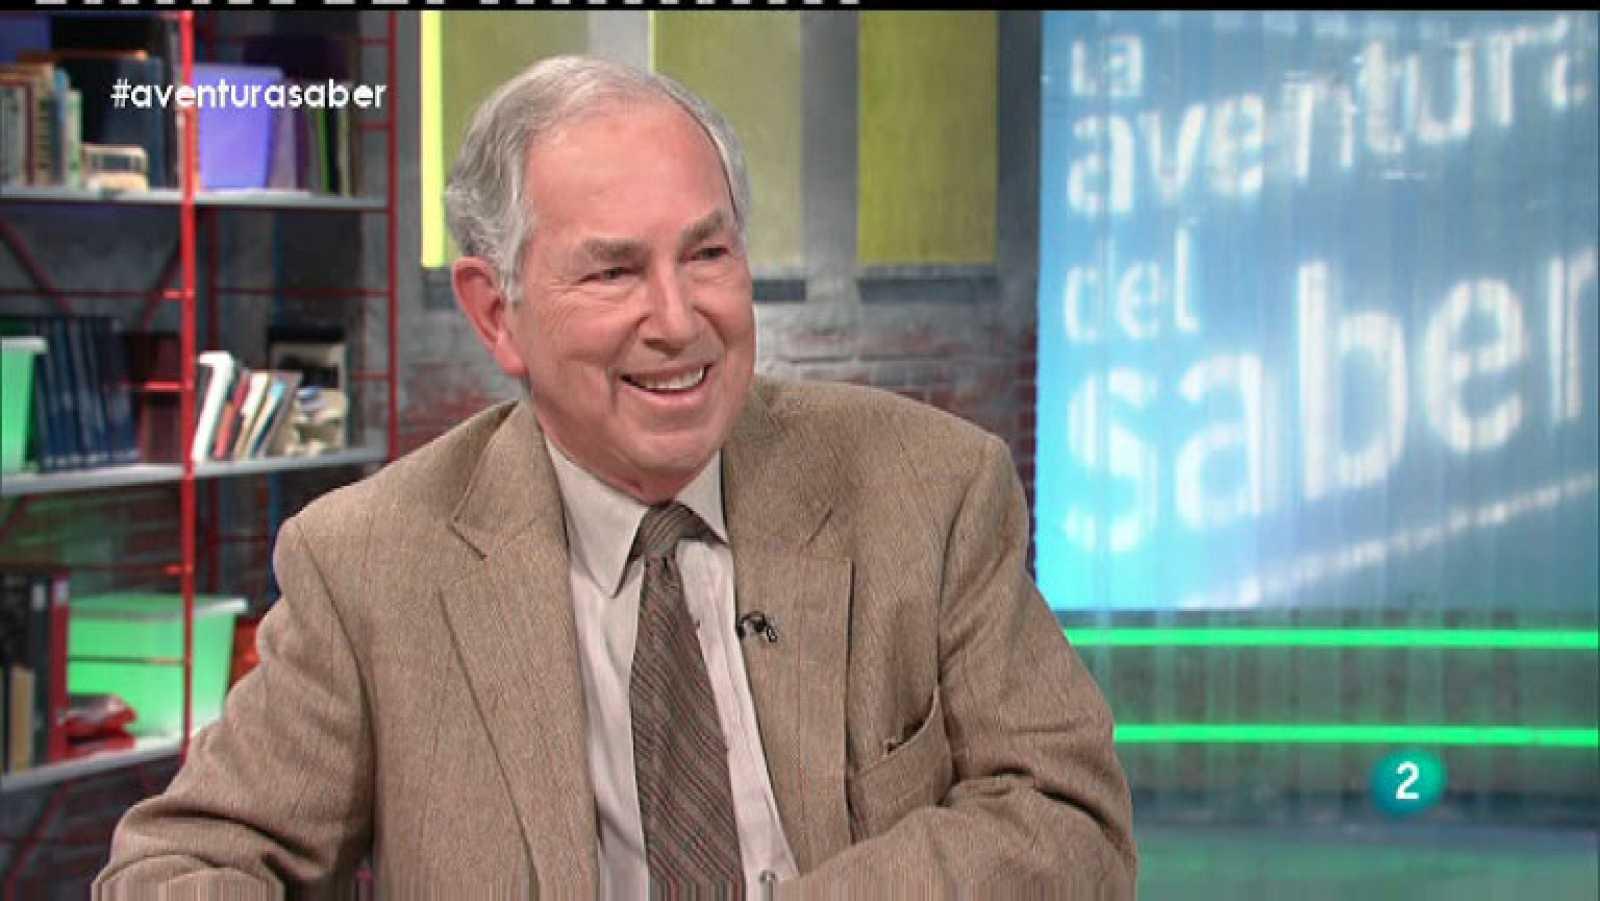 La Aventura del Saber. Guillermo Graves